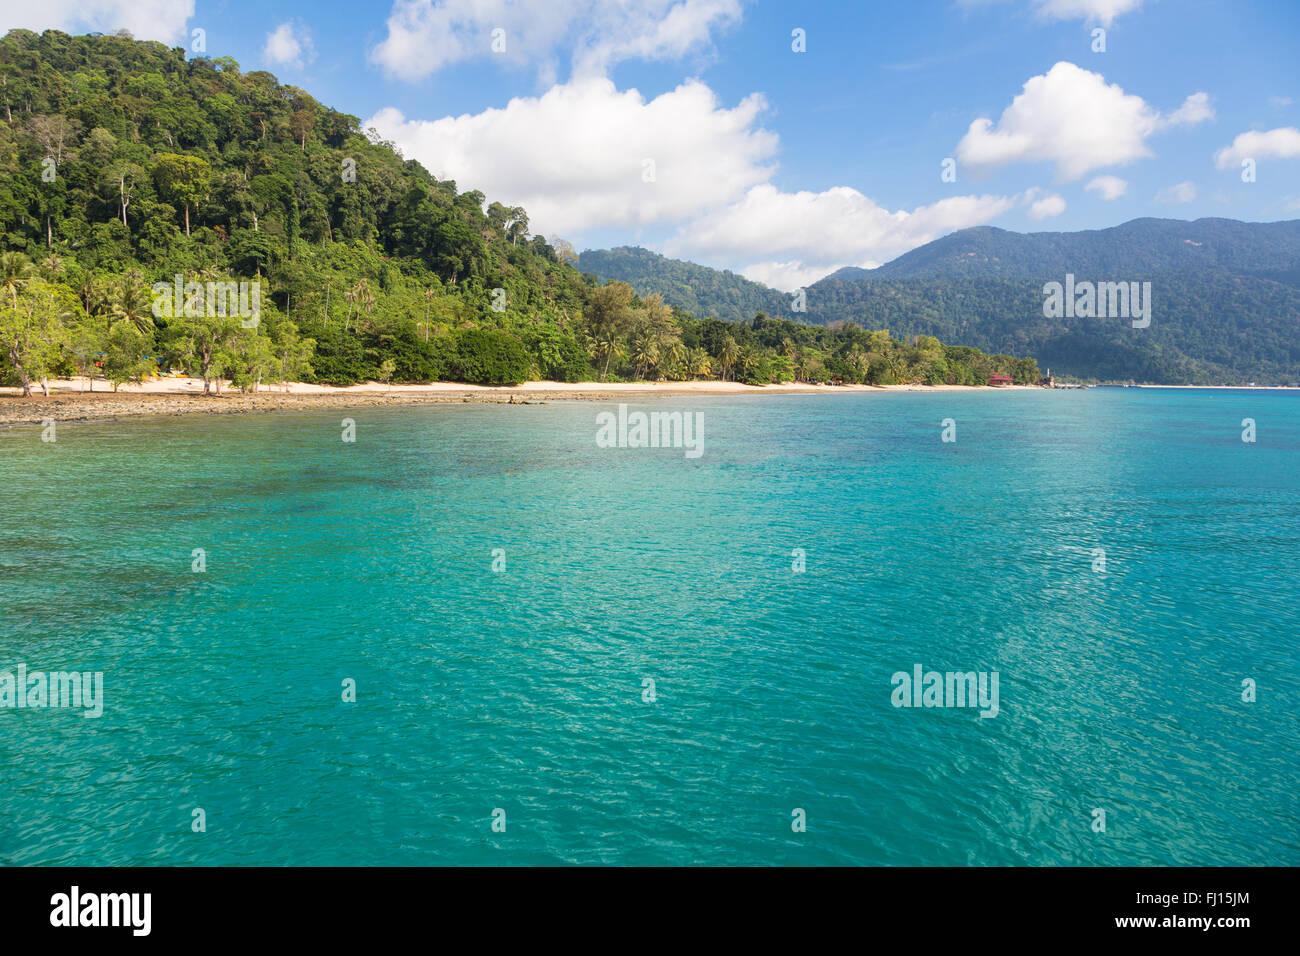 Tioman Island ist eine atemberaubende tropische Insel vor der Ostküste der malaysischen Halbinsel. Stockbild